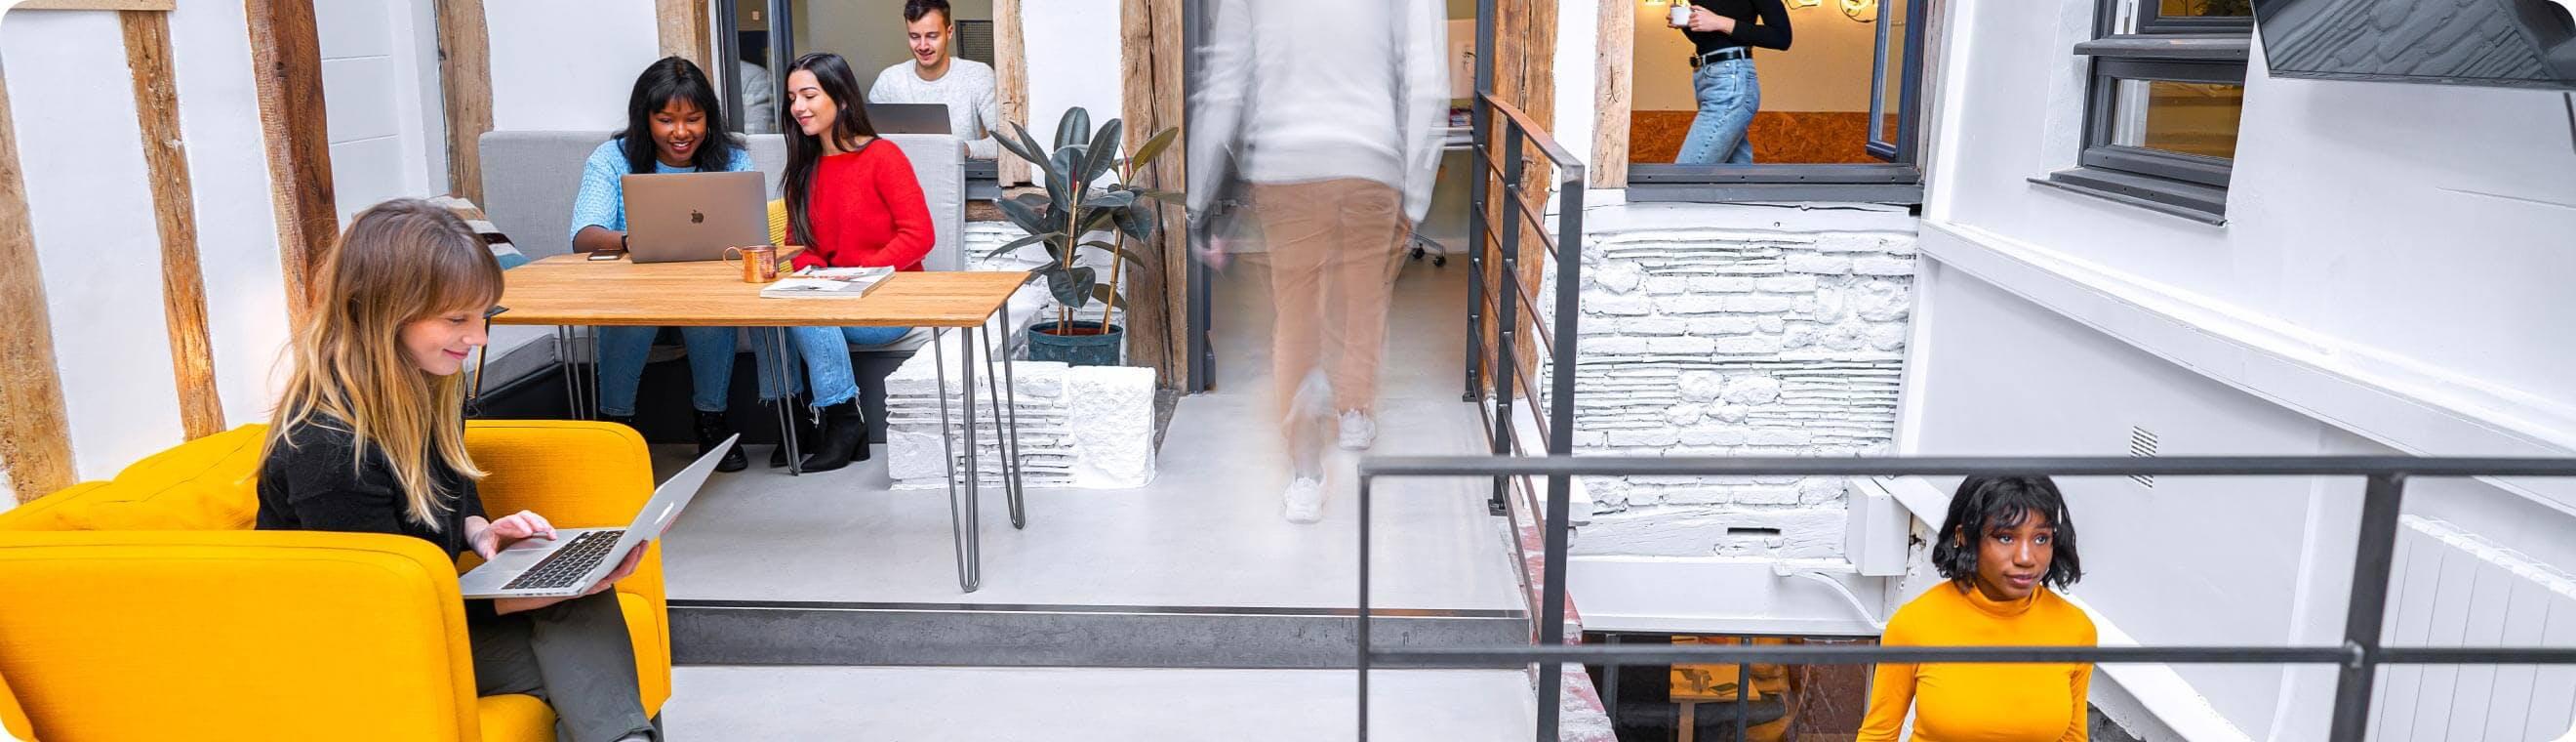 Réservez votre bureaux privés au Studio Coworking à Rouen